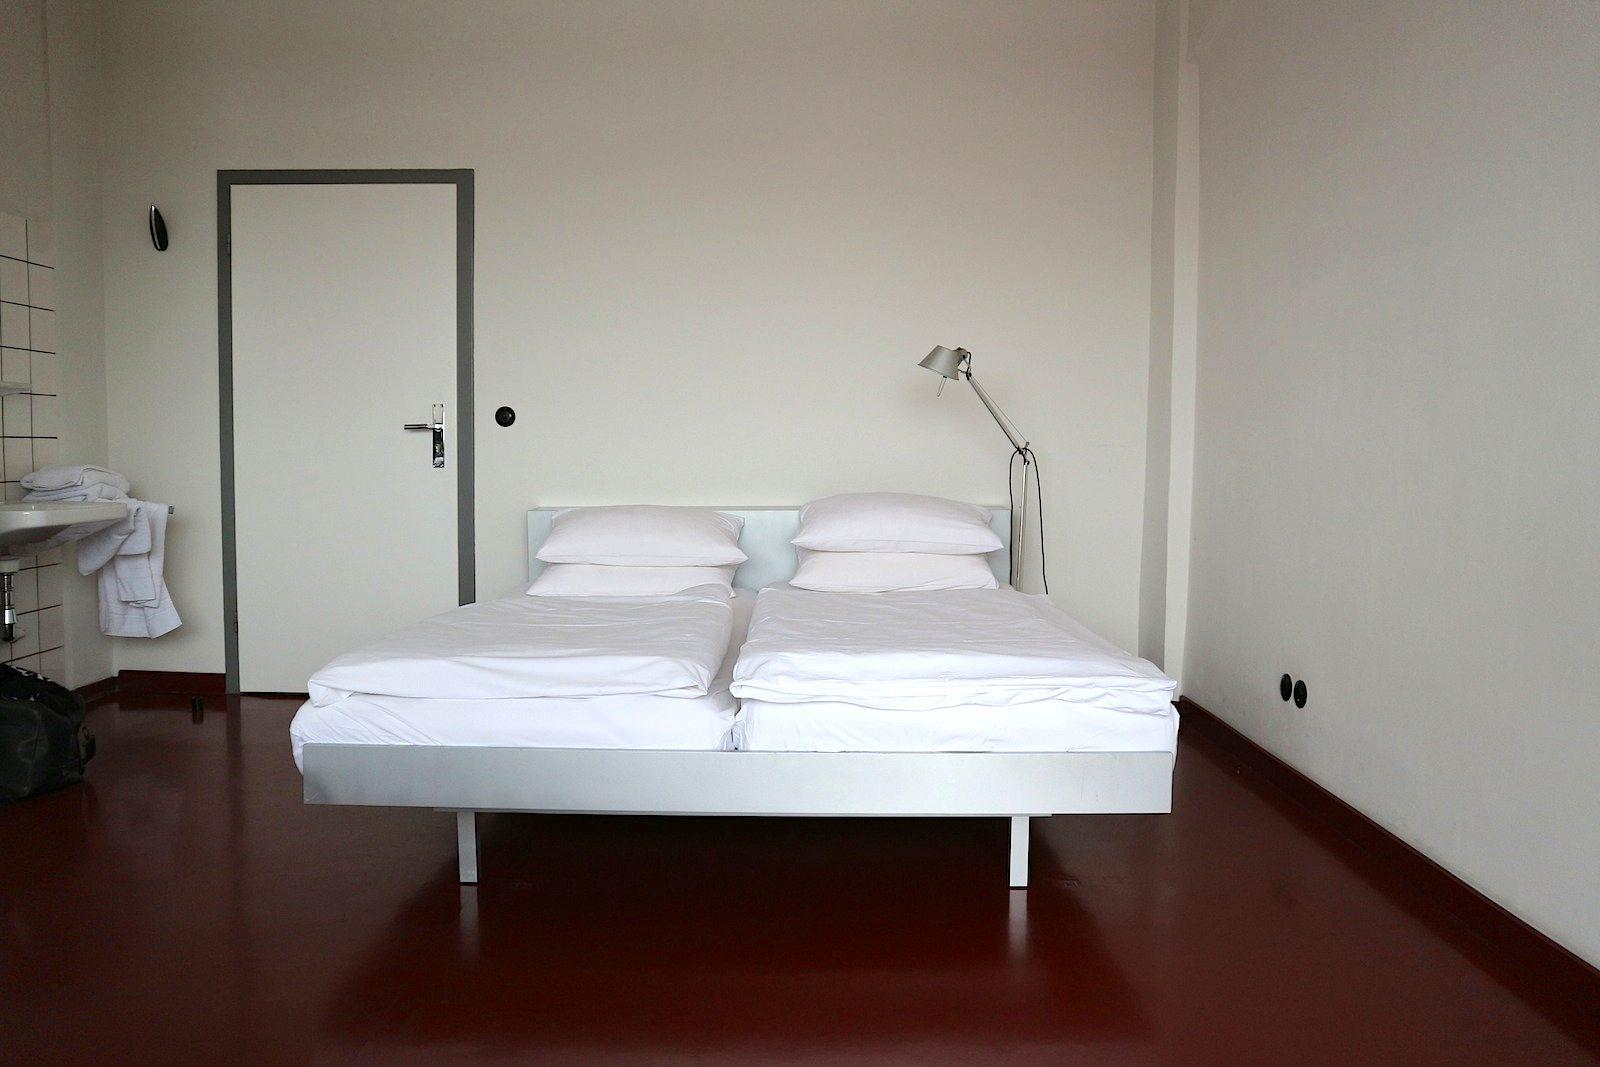 dessau dream dessau deutschland the link auf reisen. Black Bedroom Furniture Sets. Home Design Ideas